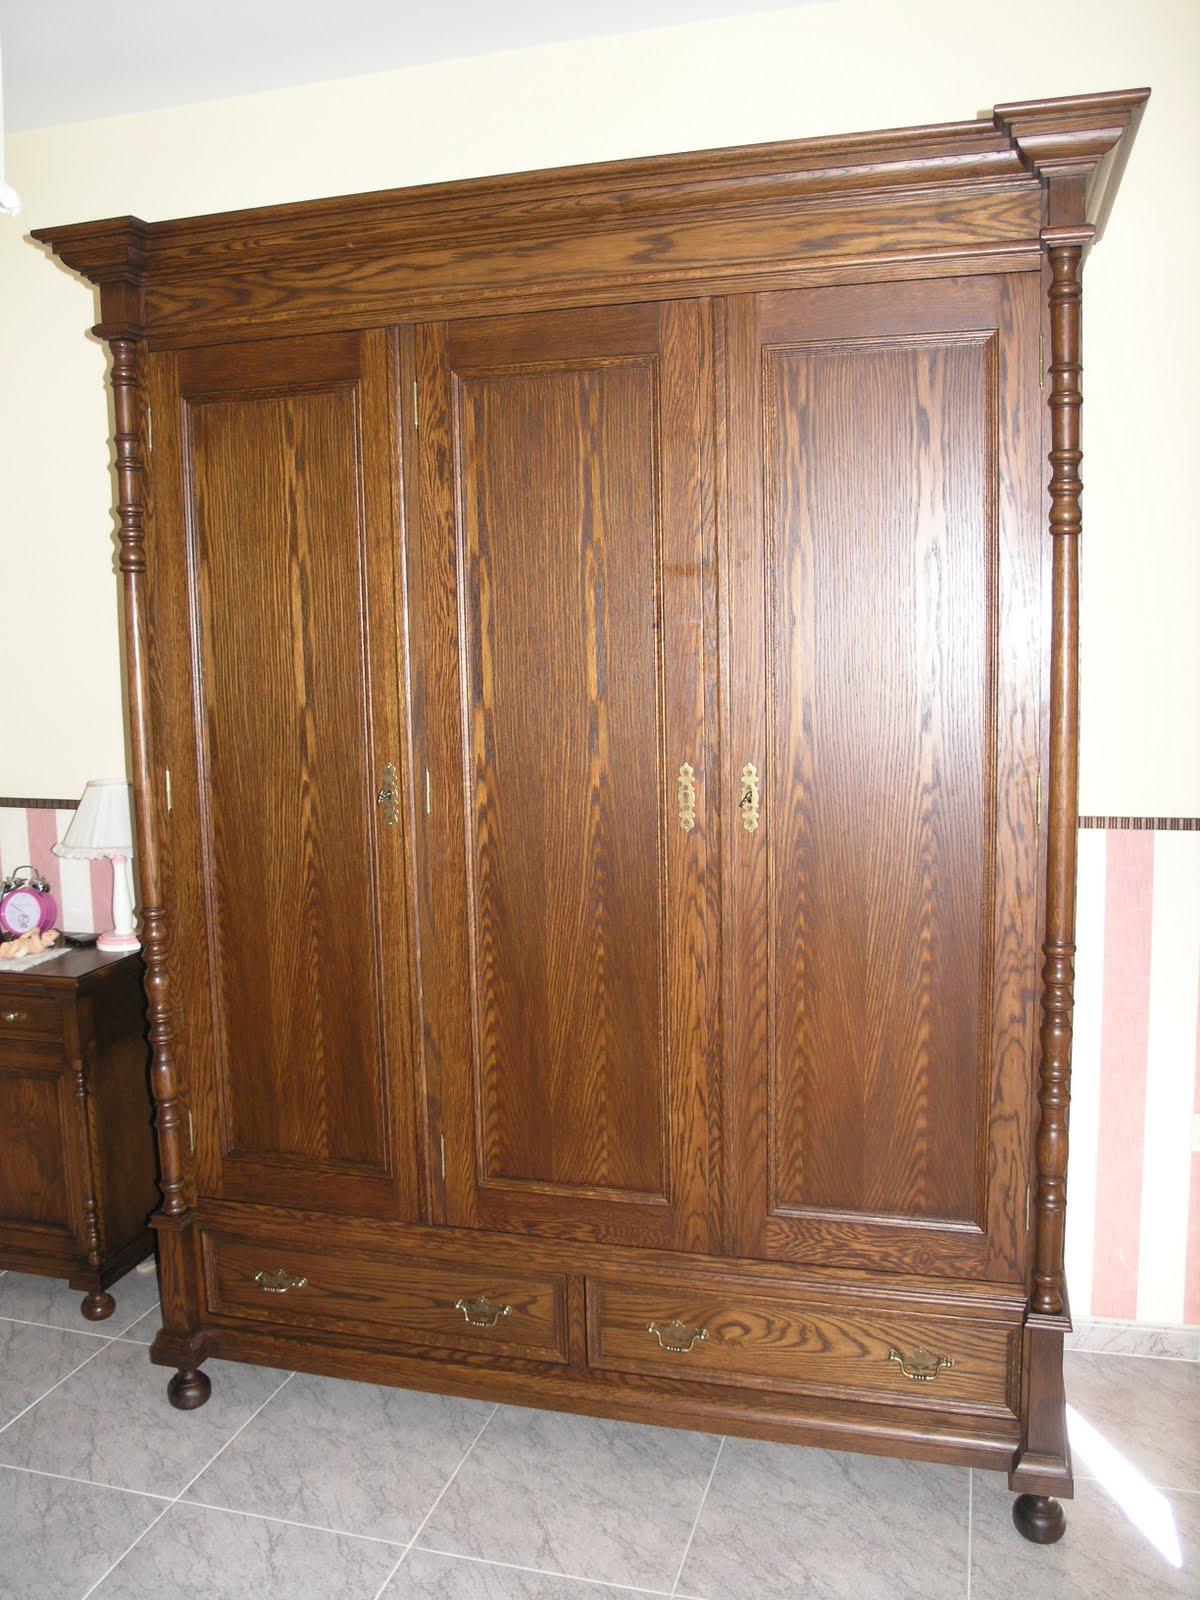 Rustical reproducci n del mueble antiguo roperos de 3 y for Roperos de madera para dormitorios